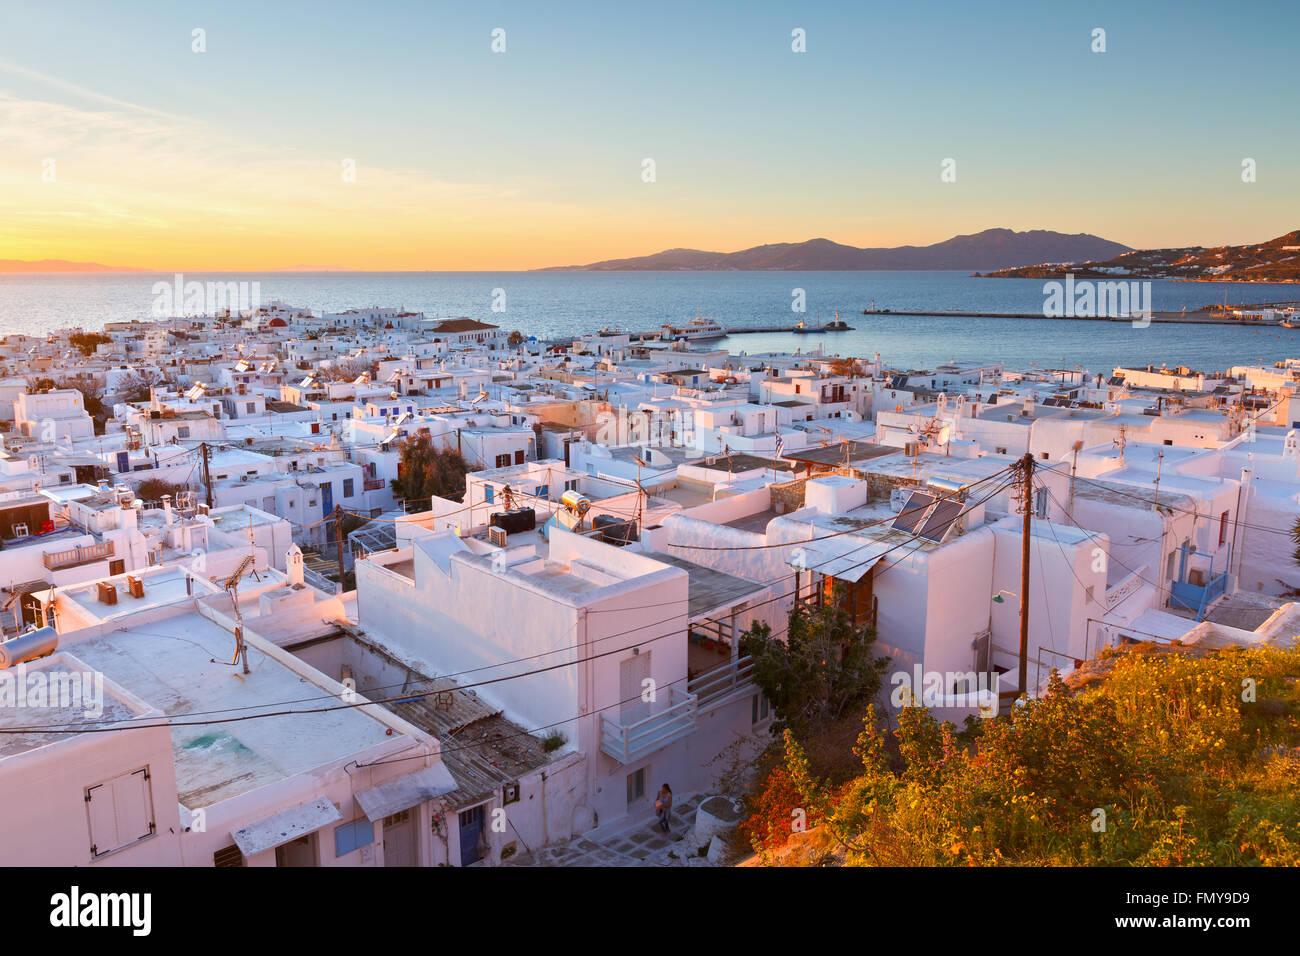 Vista sulla città di Mykonos e isola di Tinos in distanza, Grecia. Immagini Stock